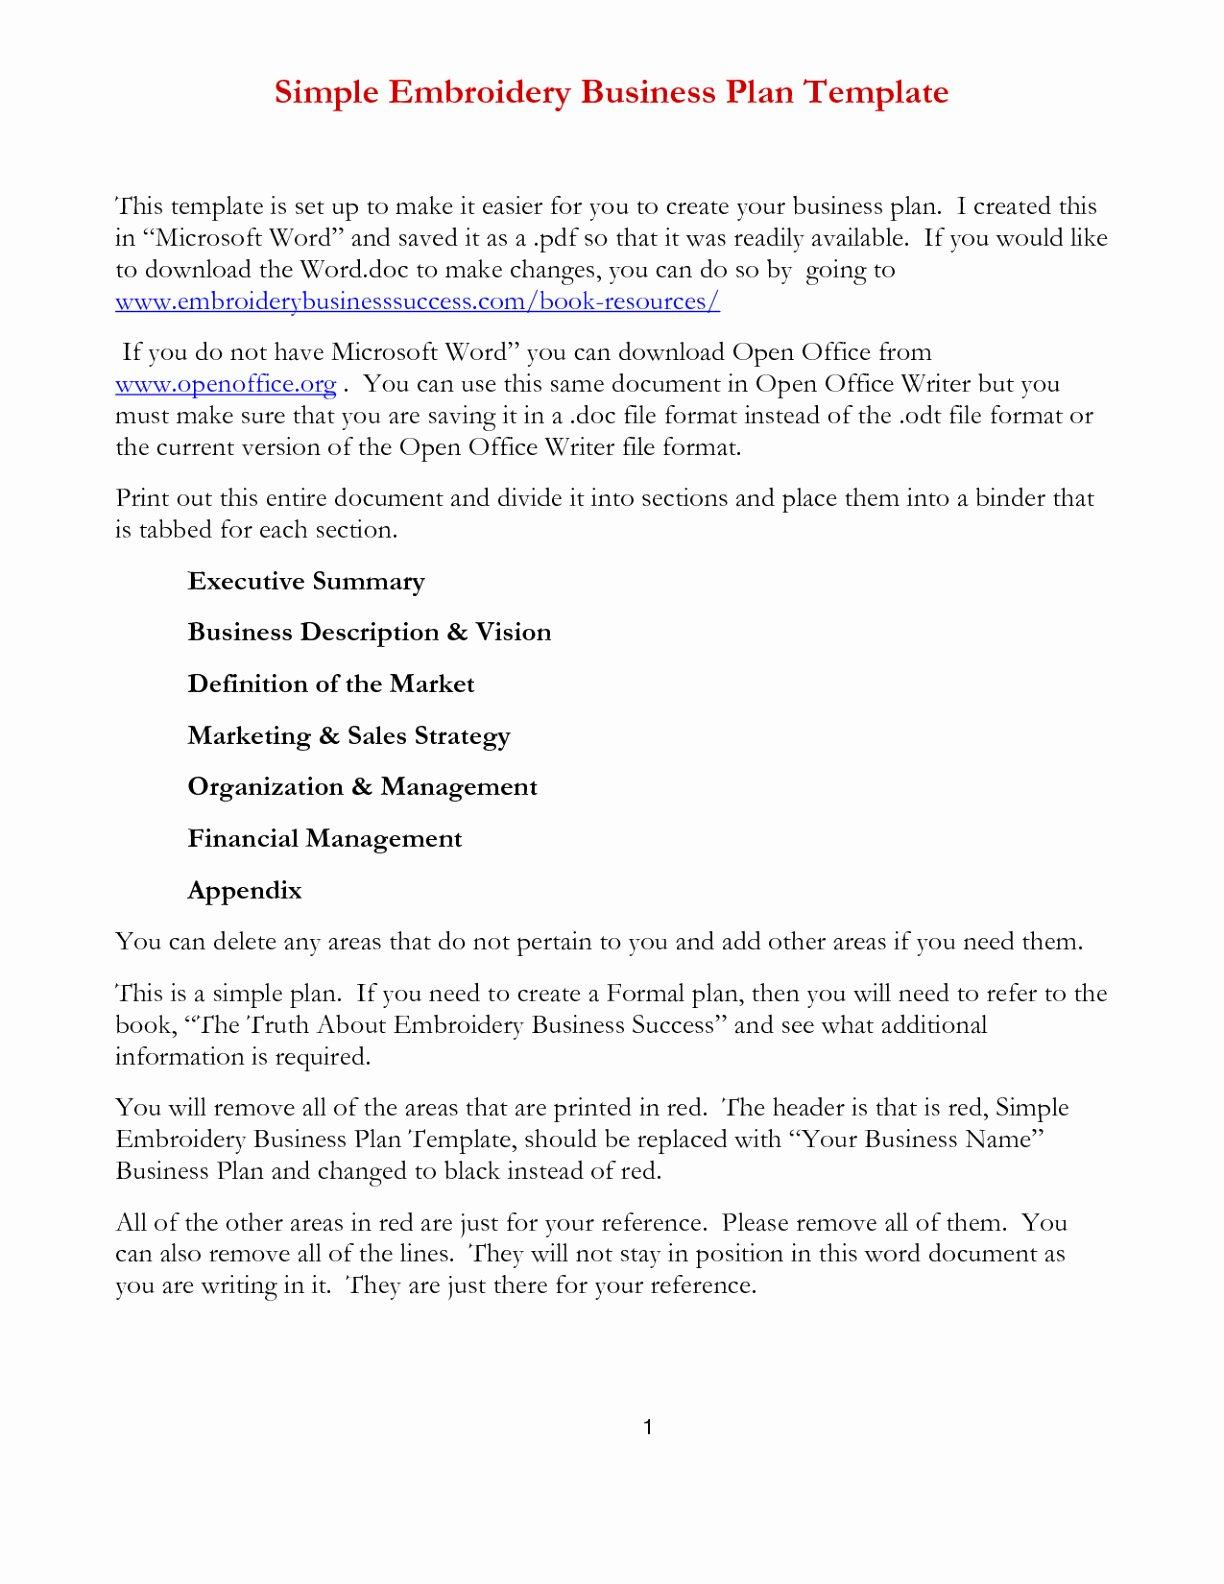 Proposal Template Google Docs Inspirational Proposal Template Google Docs – Pewna Apteka